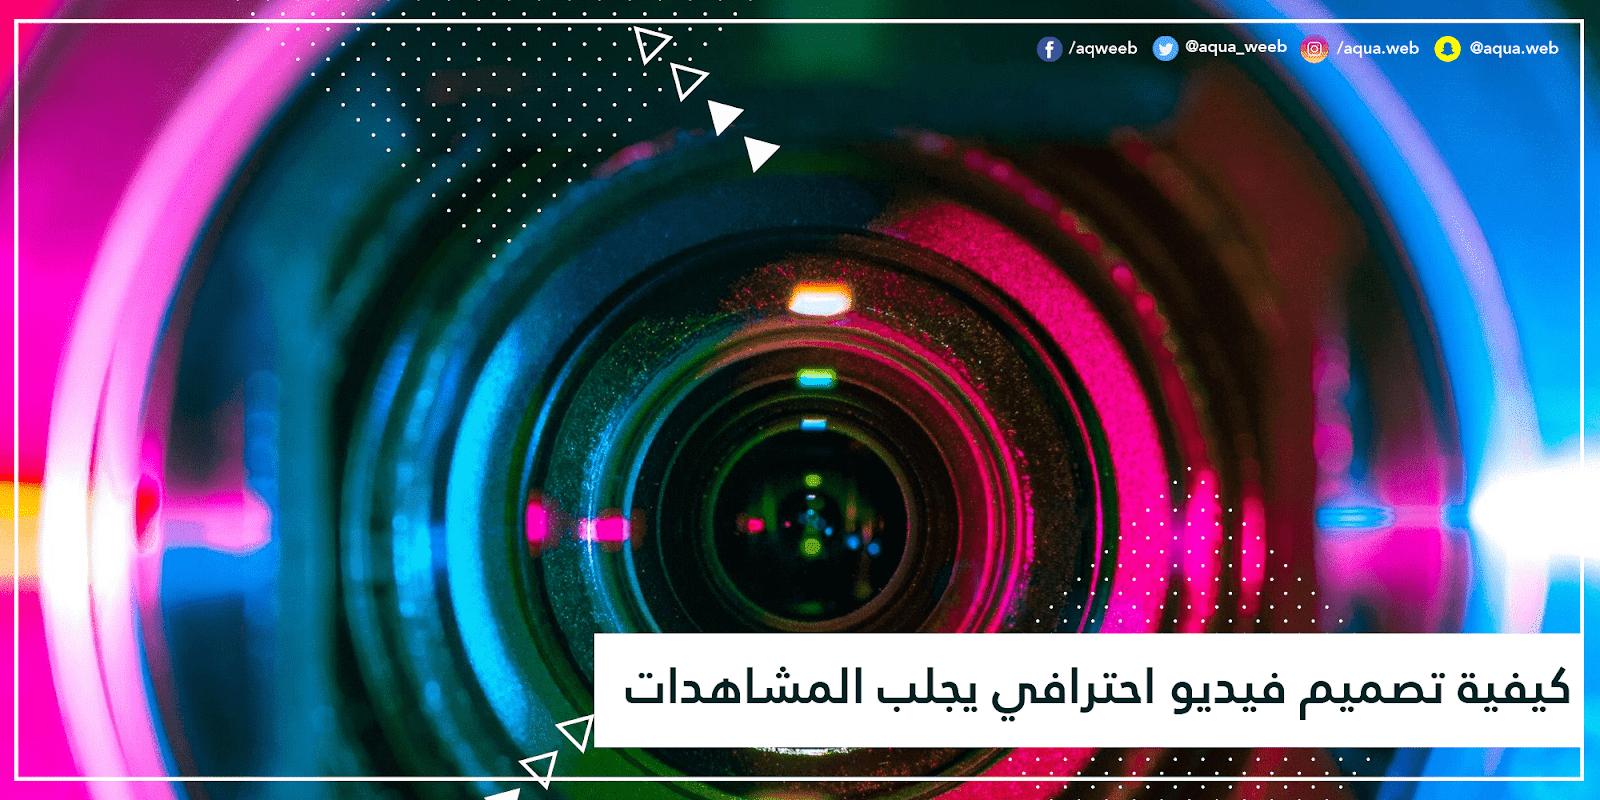 كيفية تصميم فيديو احترافي يجلب المشاهدات